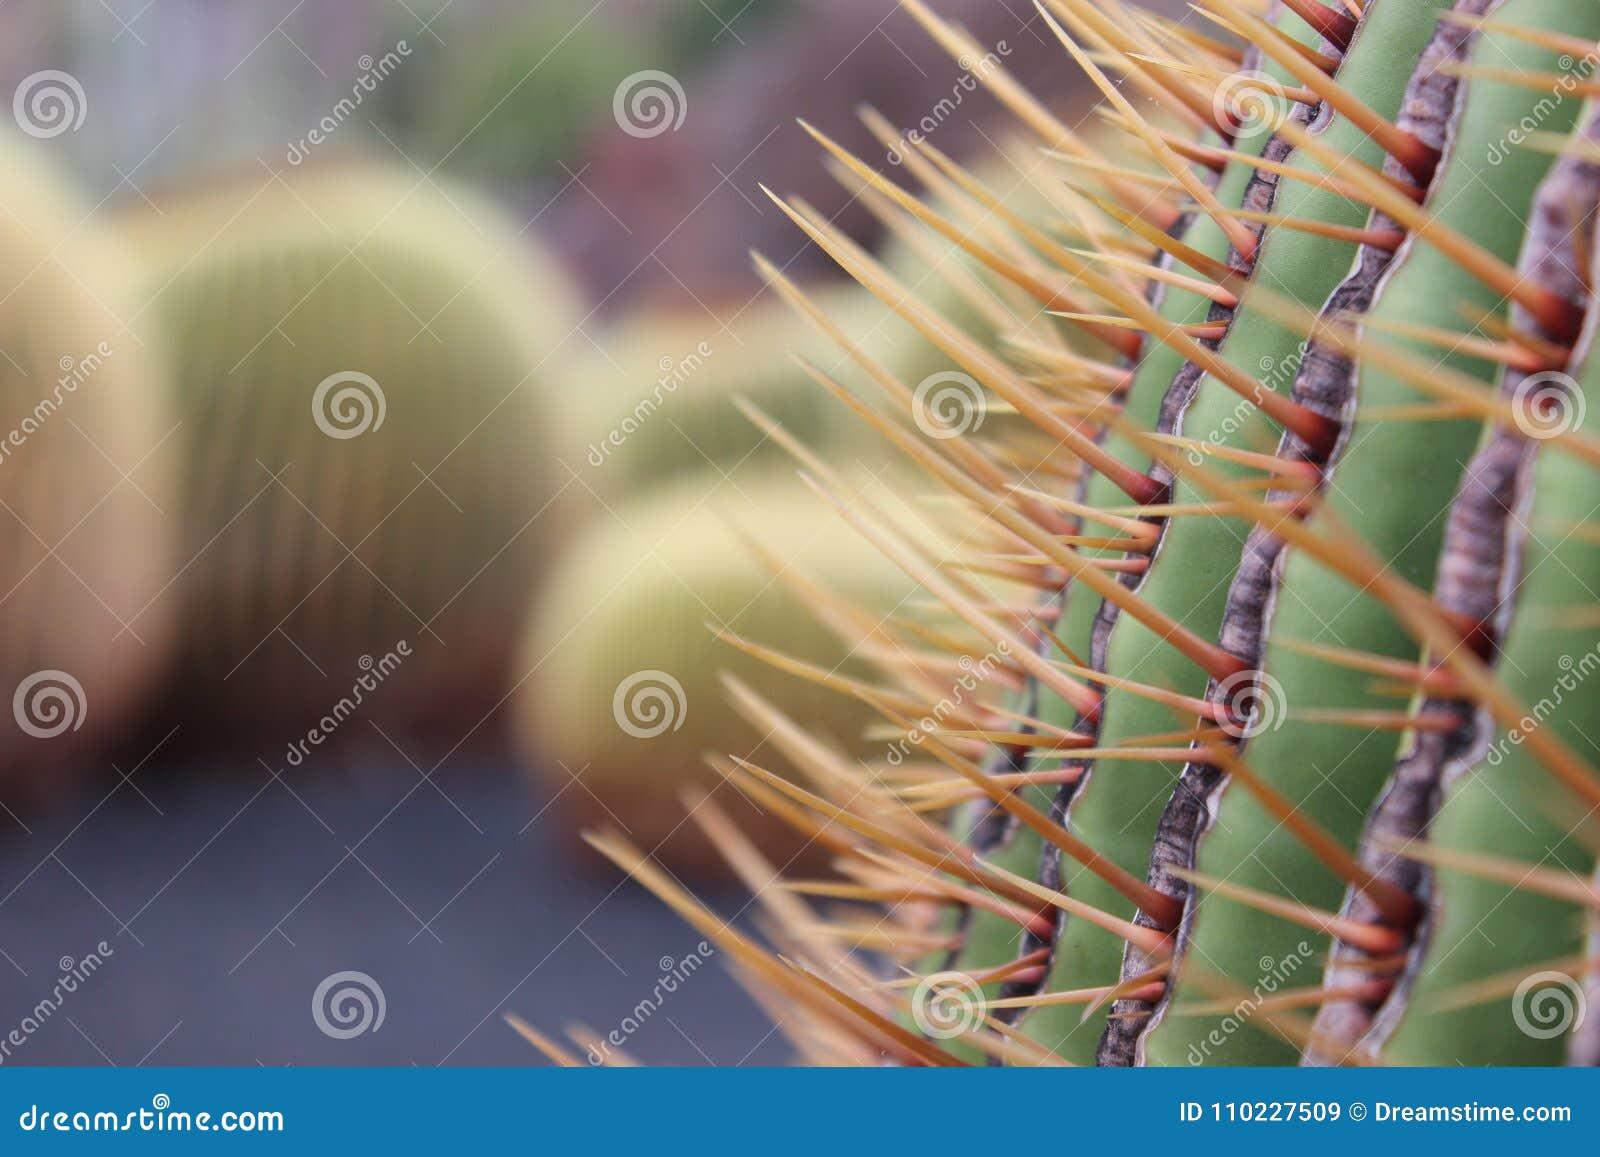 Nahaufnahme eines Kaktus und Kakteen von fern